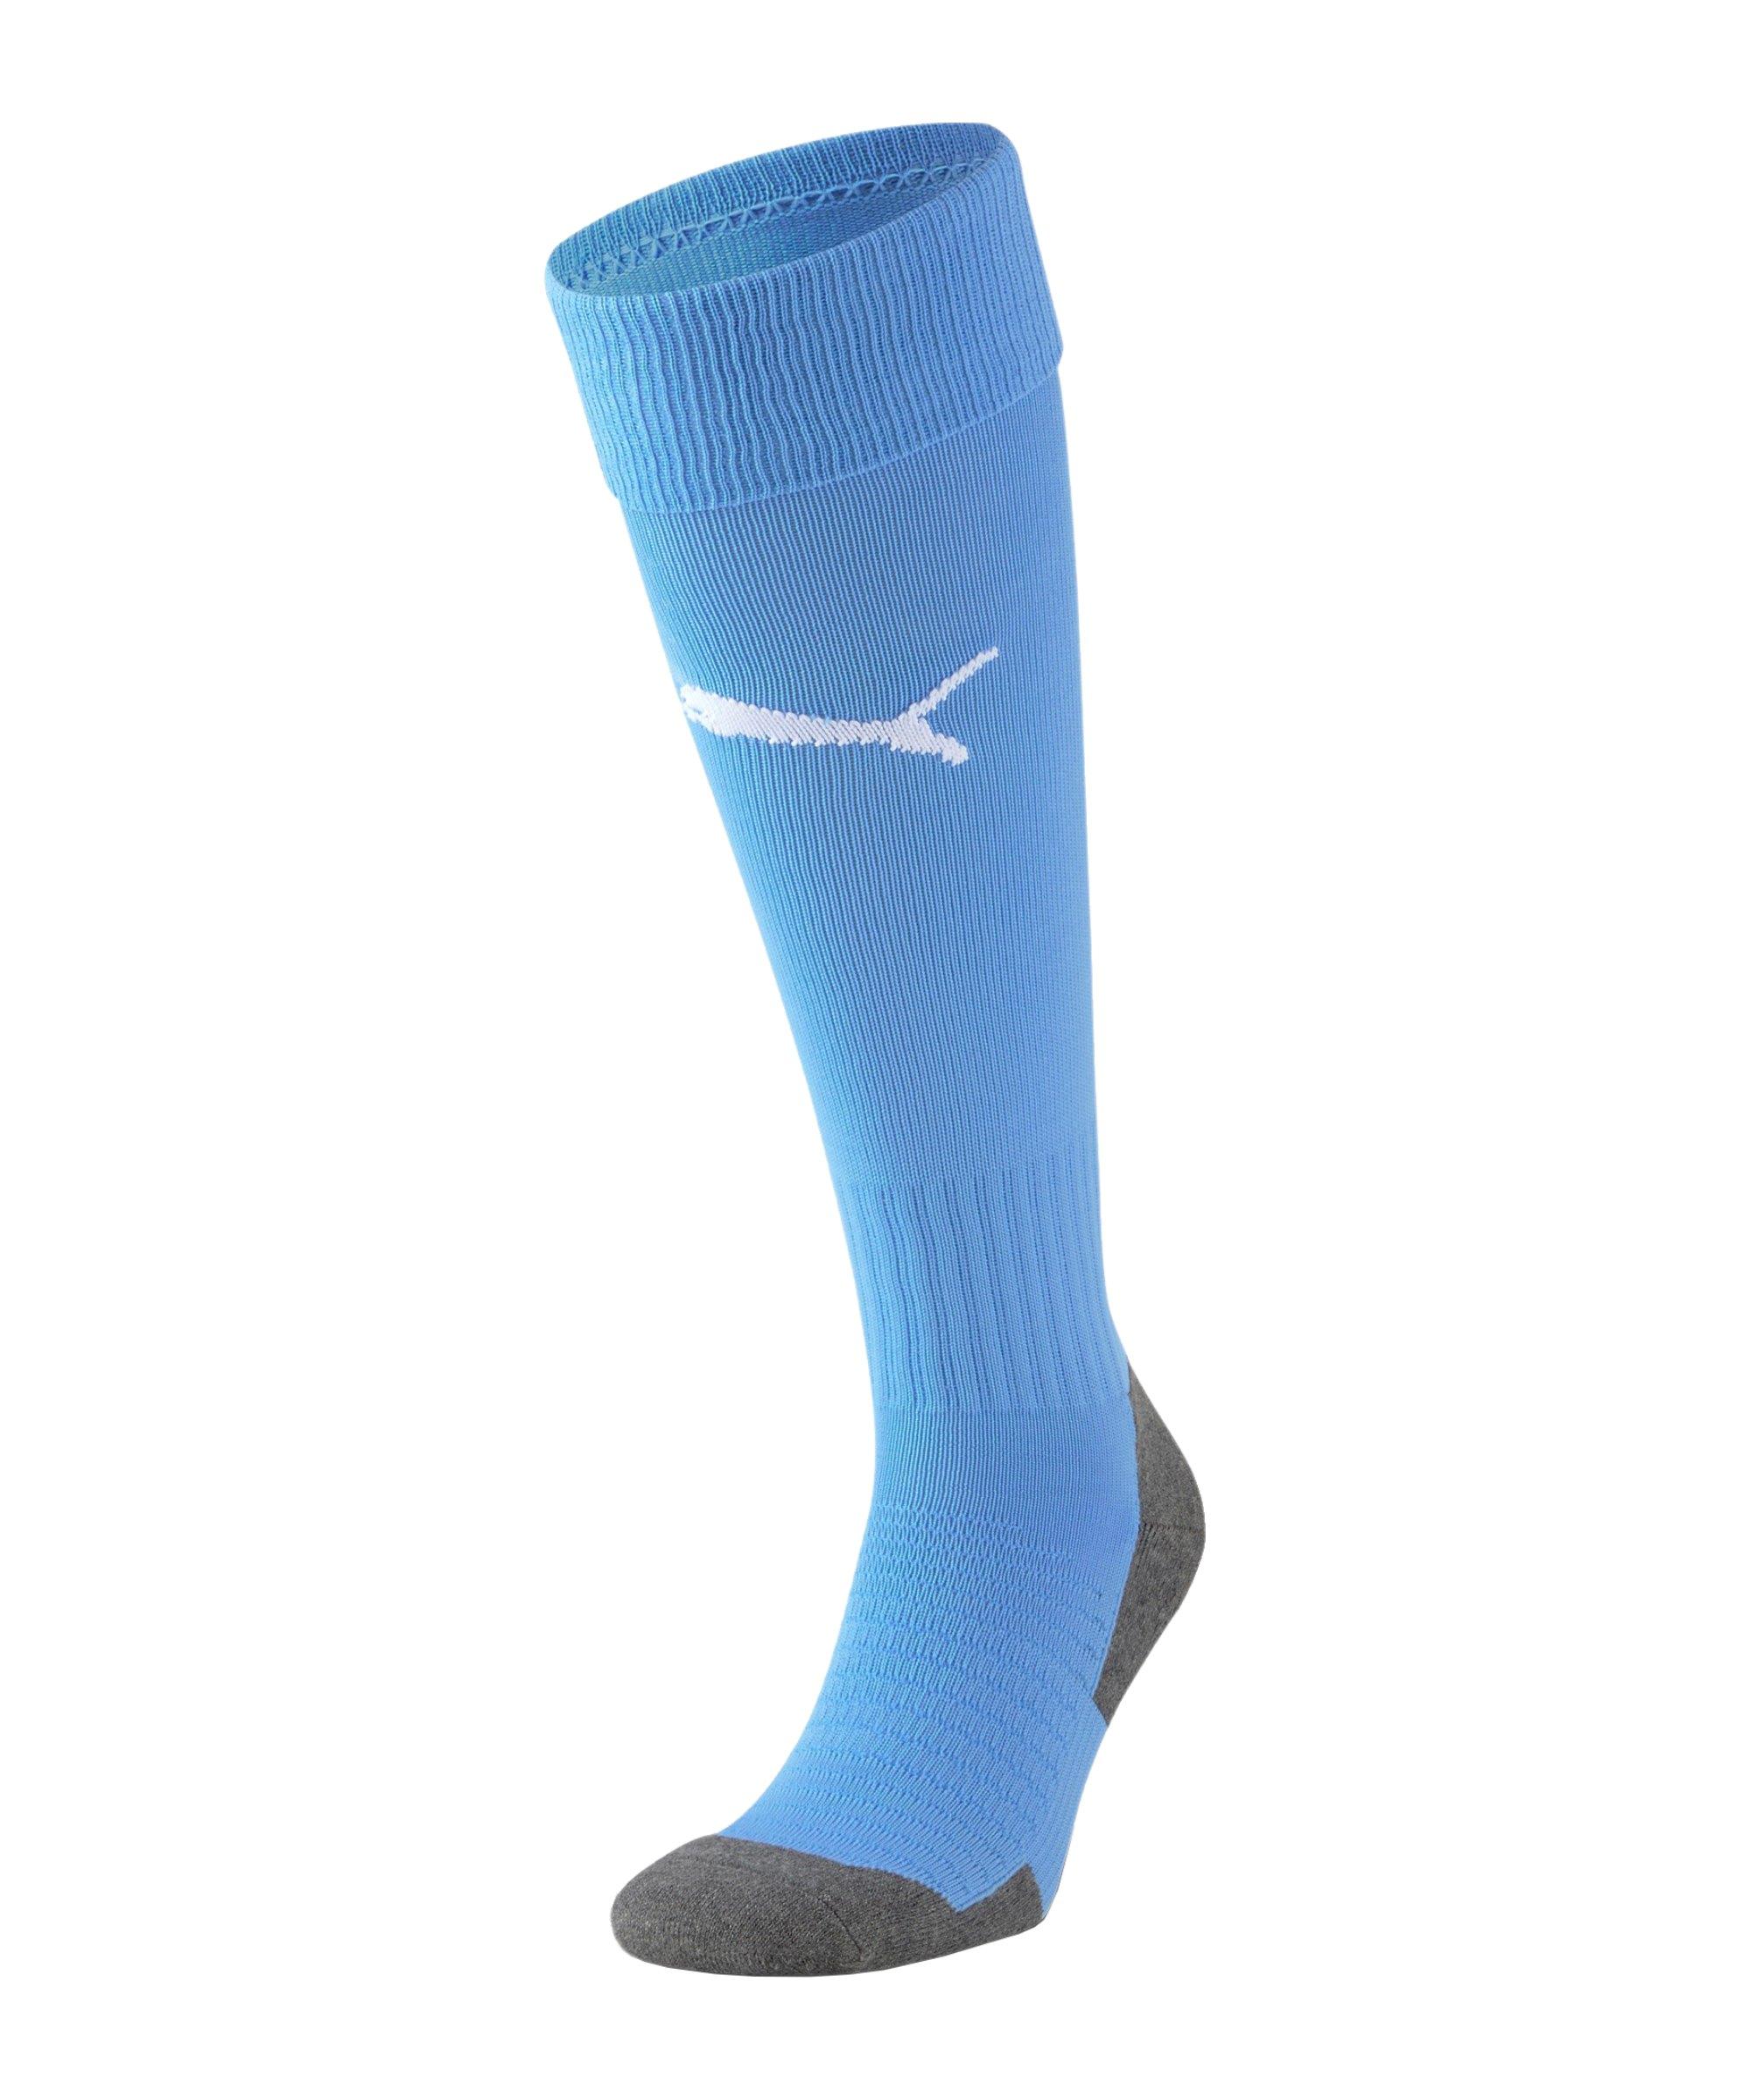 PUMA teamLIGA Core Stutzenstrumpf Blau F50 - blau